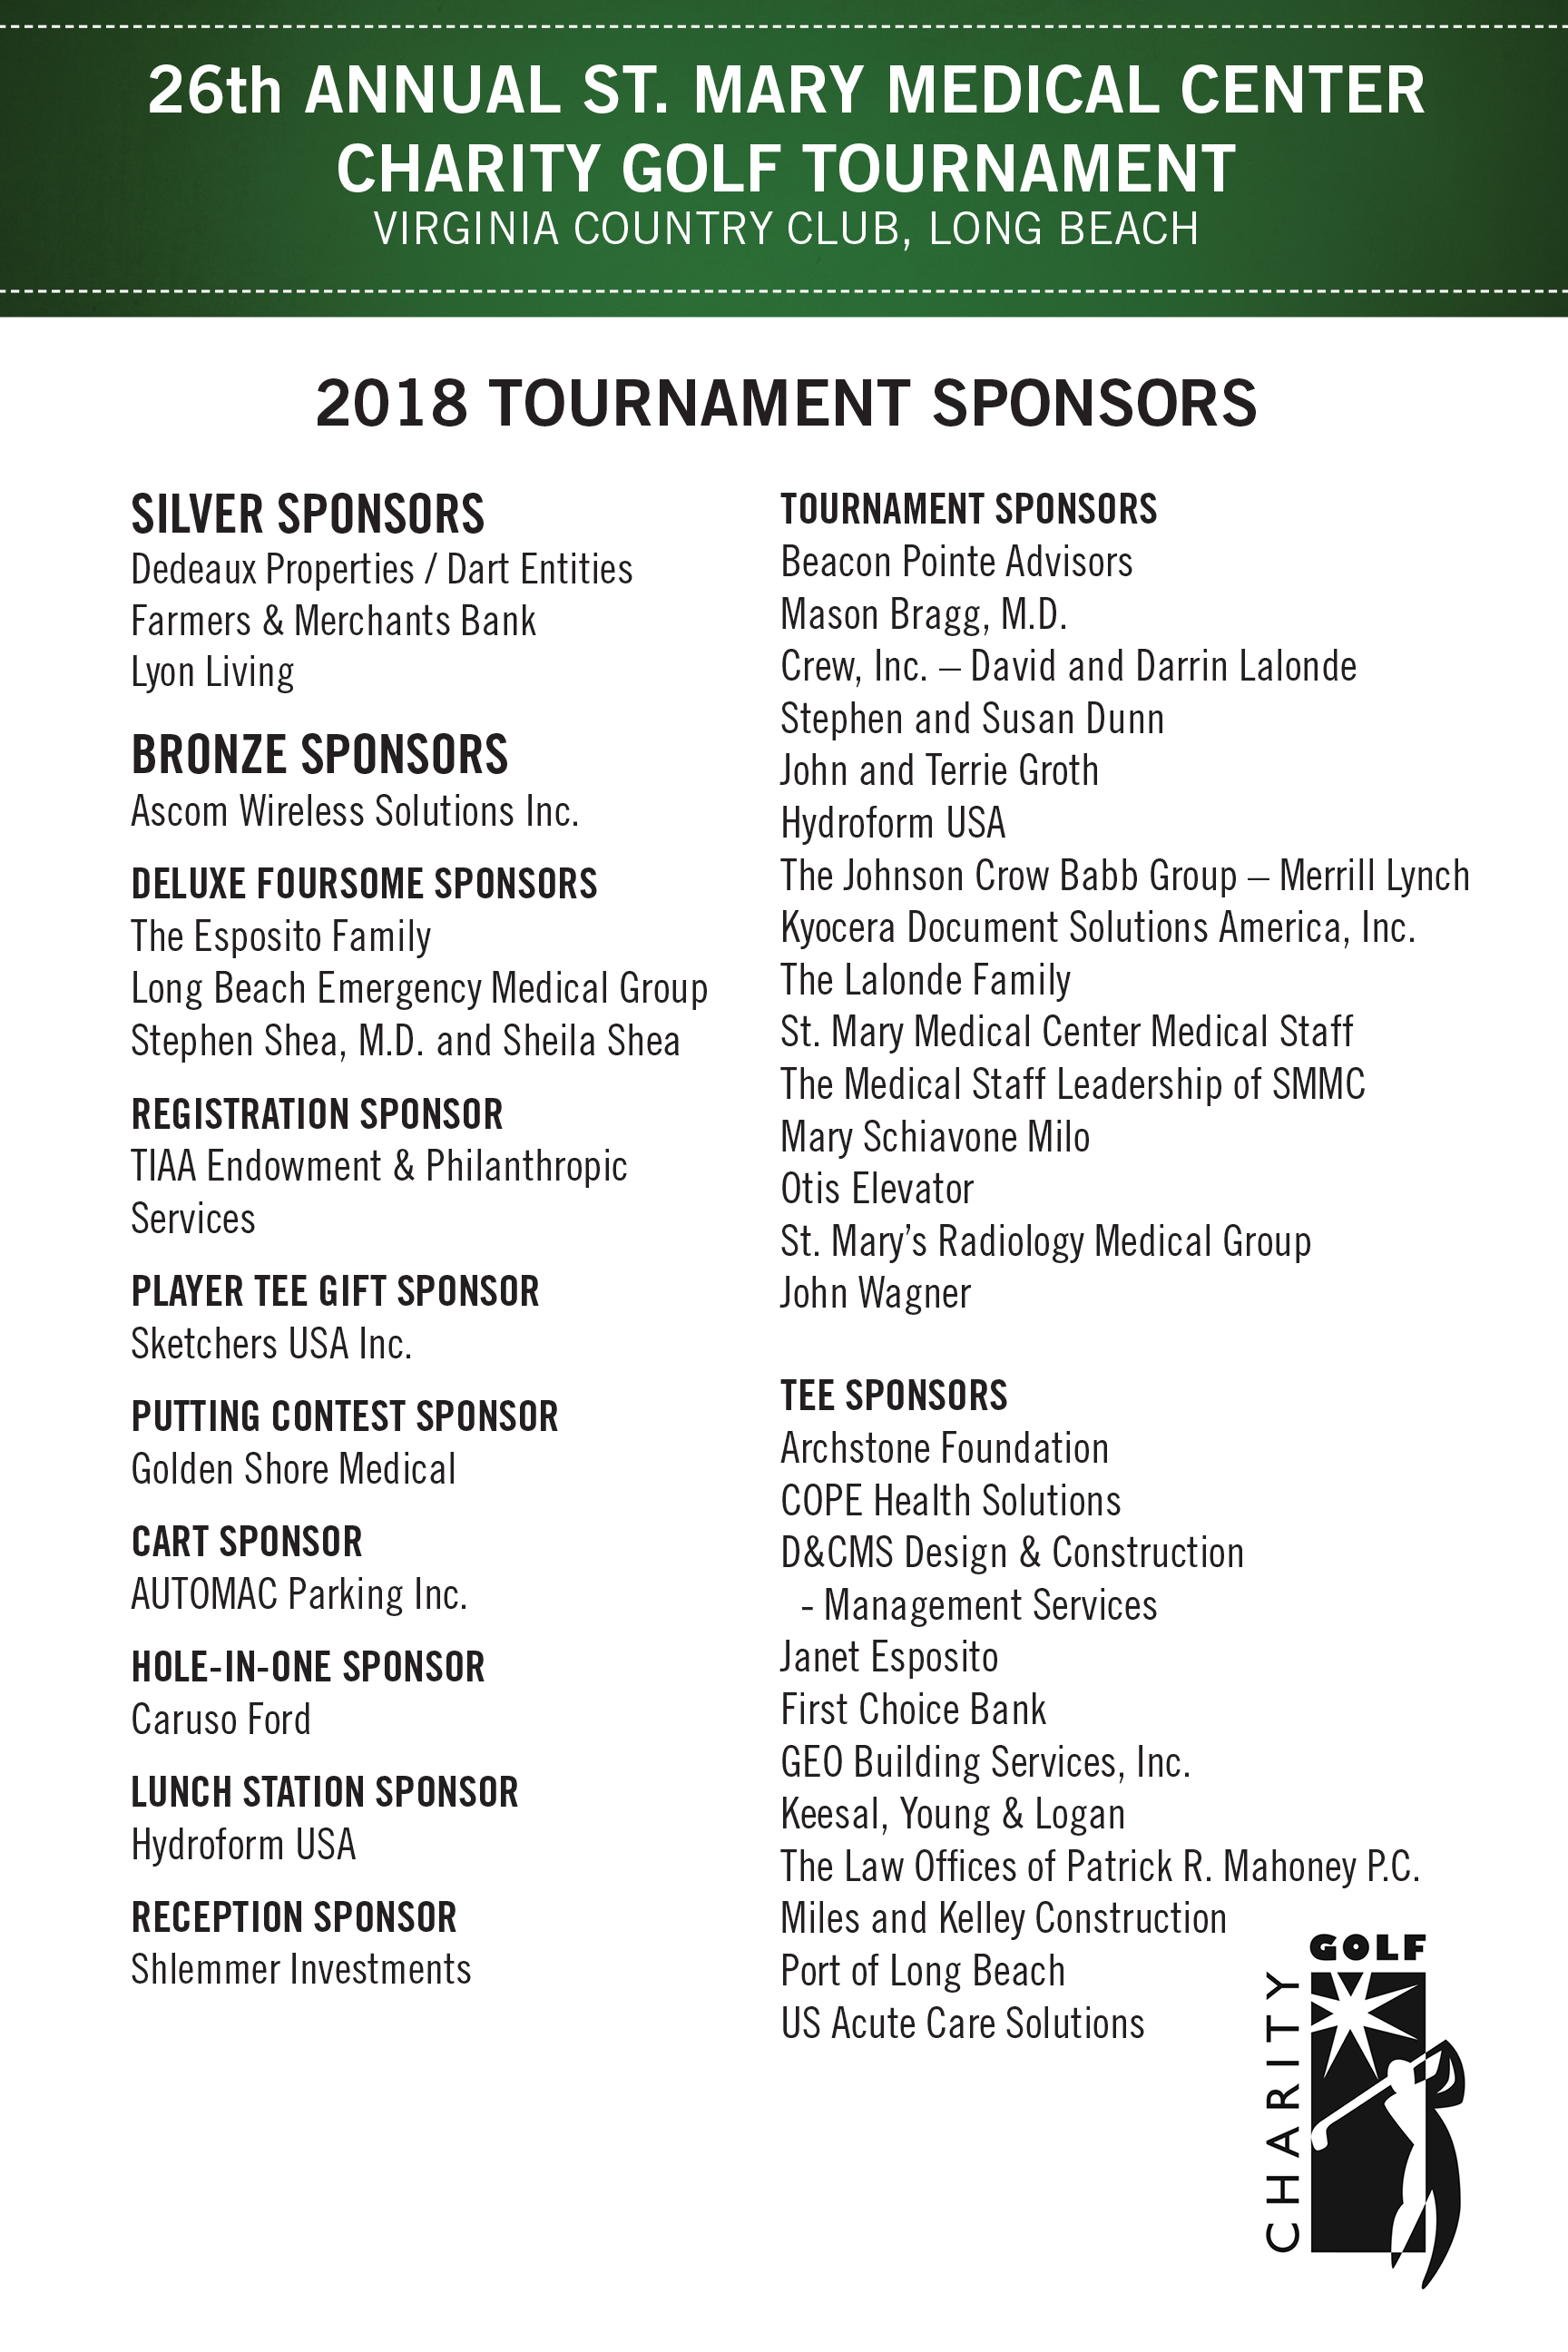 2018 Golf Sponsors